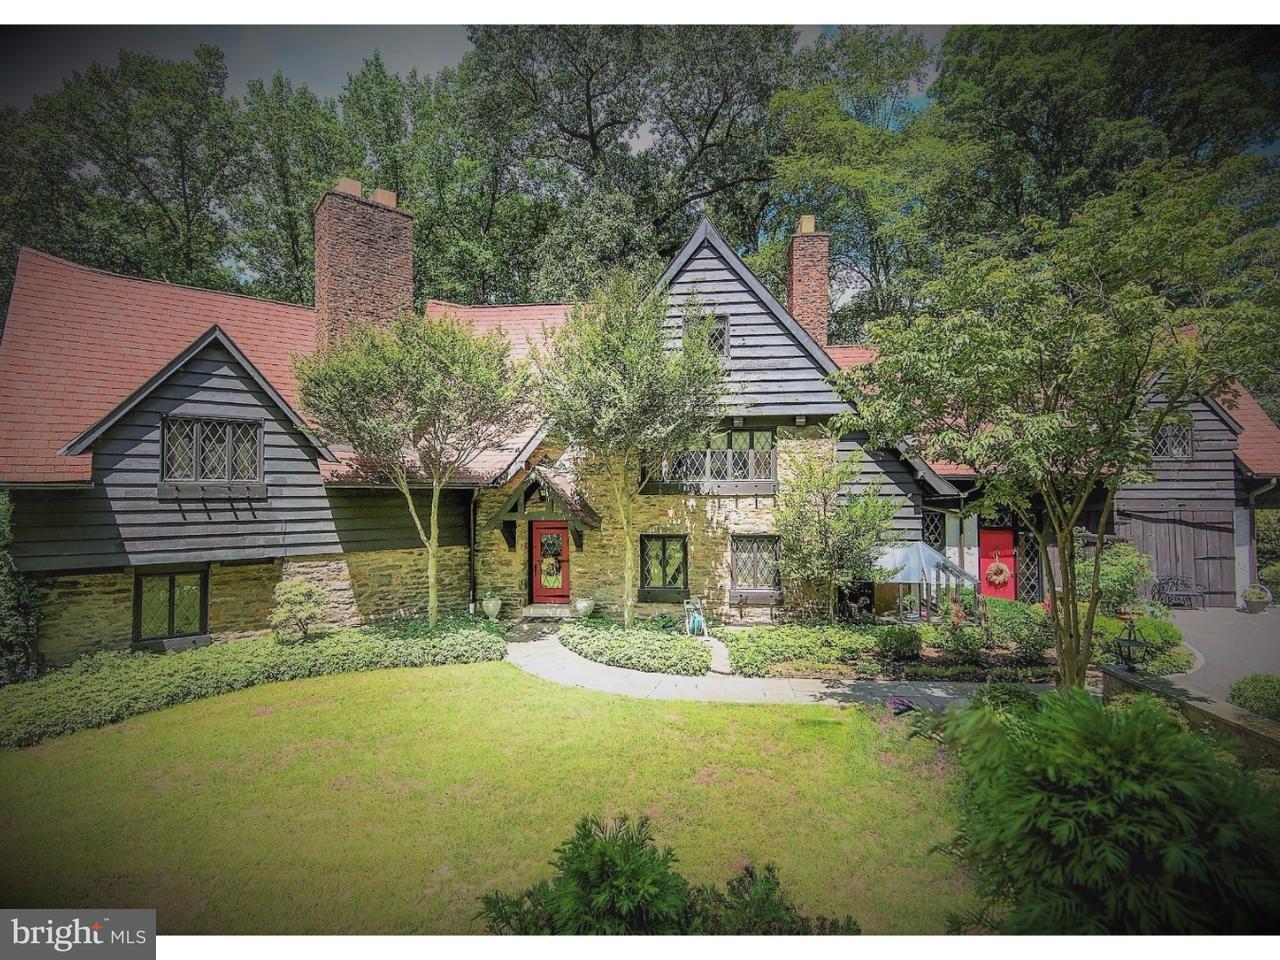 Частный односемейный дом для того Продажа на 936 MOREDON Road Jenkintown, Пенсильвания 19046 Соединенные Штаты